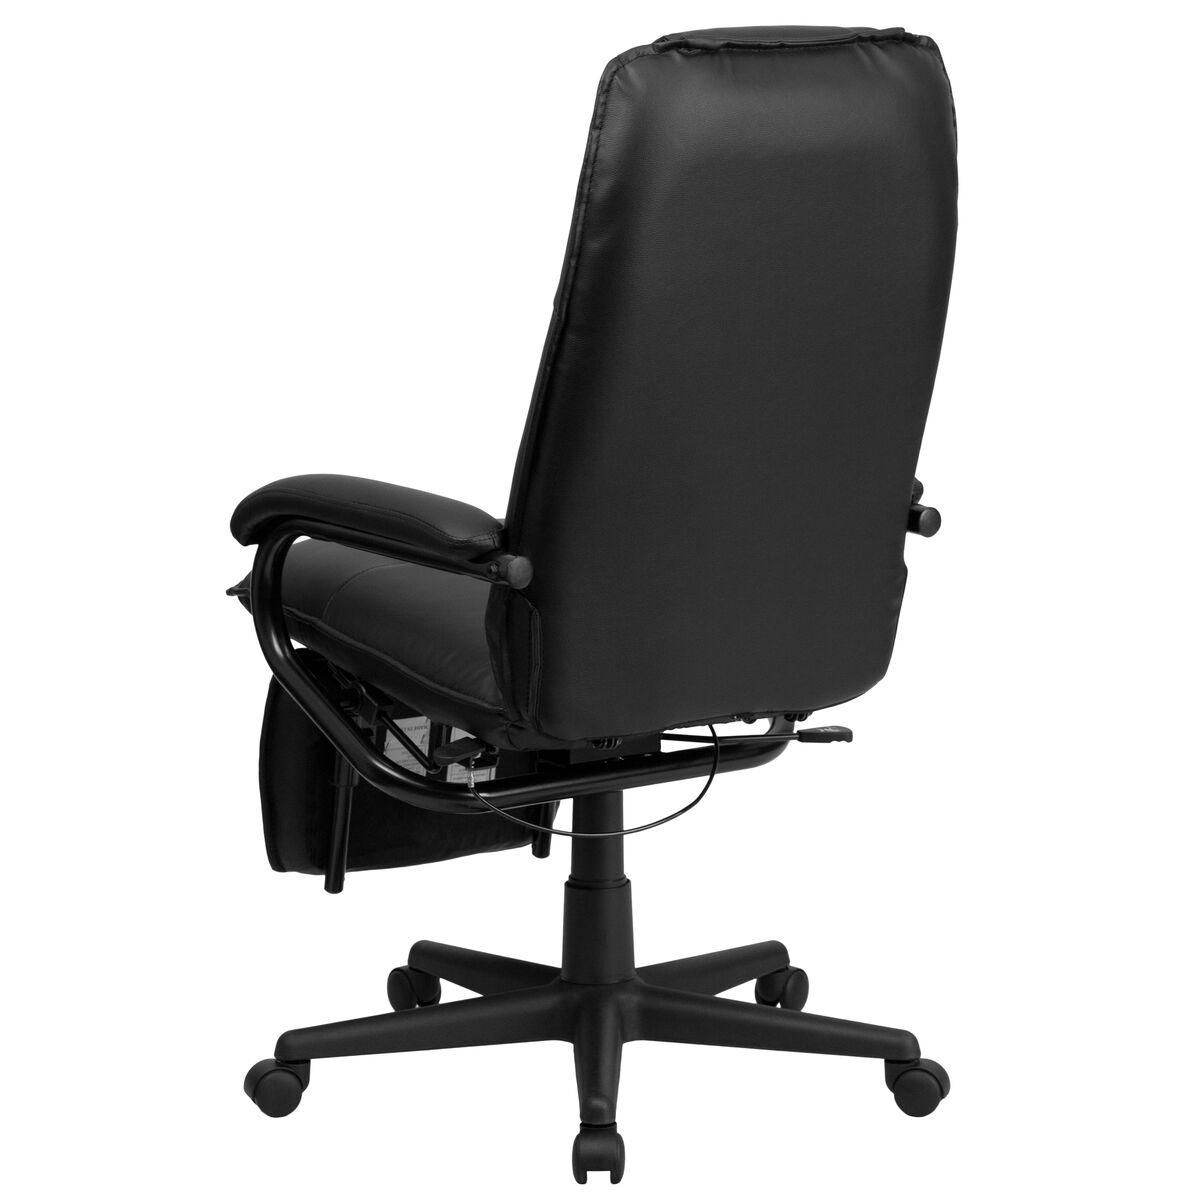 Black Reclining Leather Chair Bt 70172 Bk Gg Bizchair Com